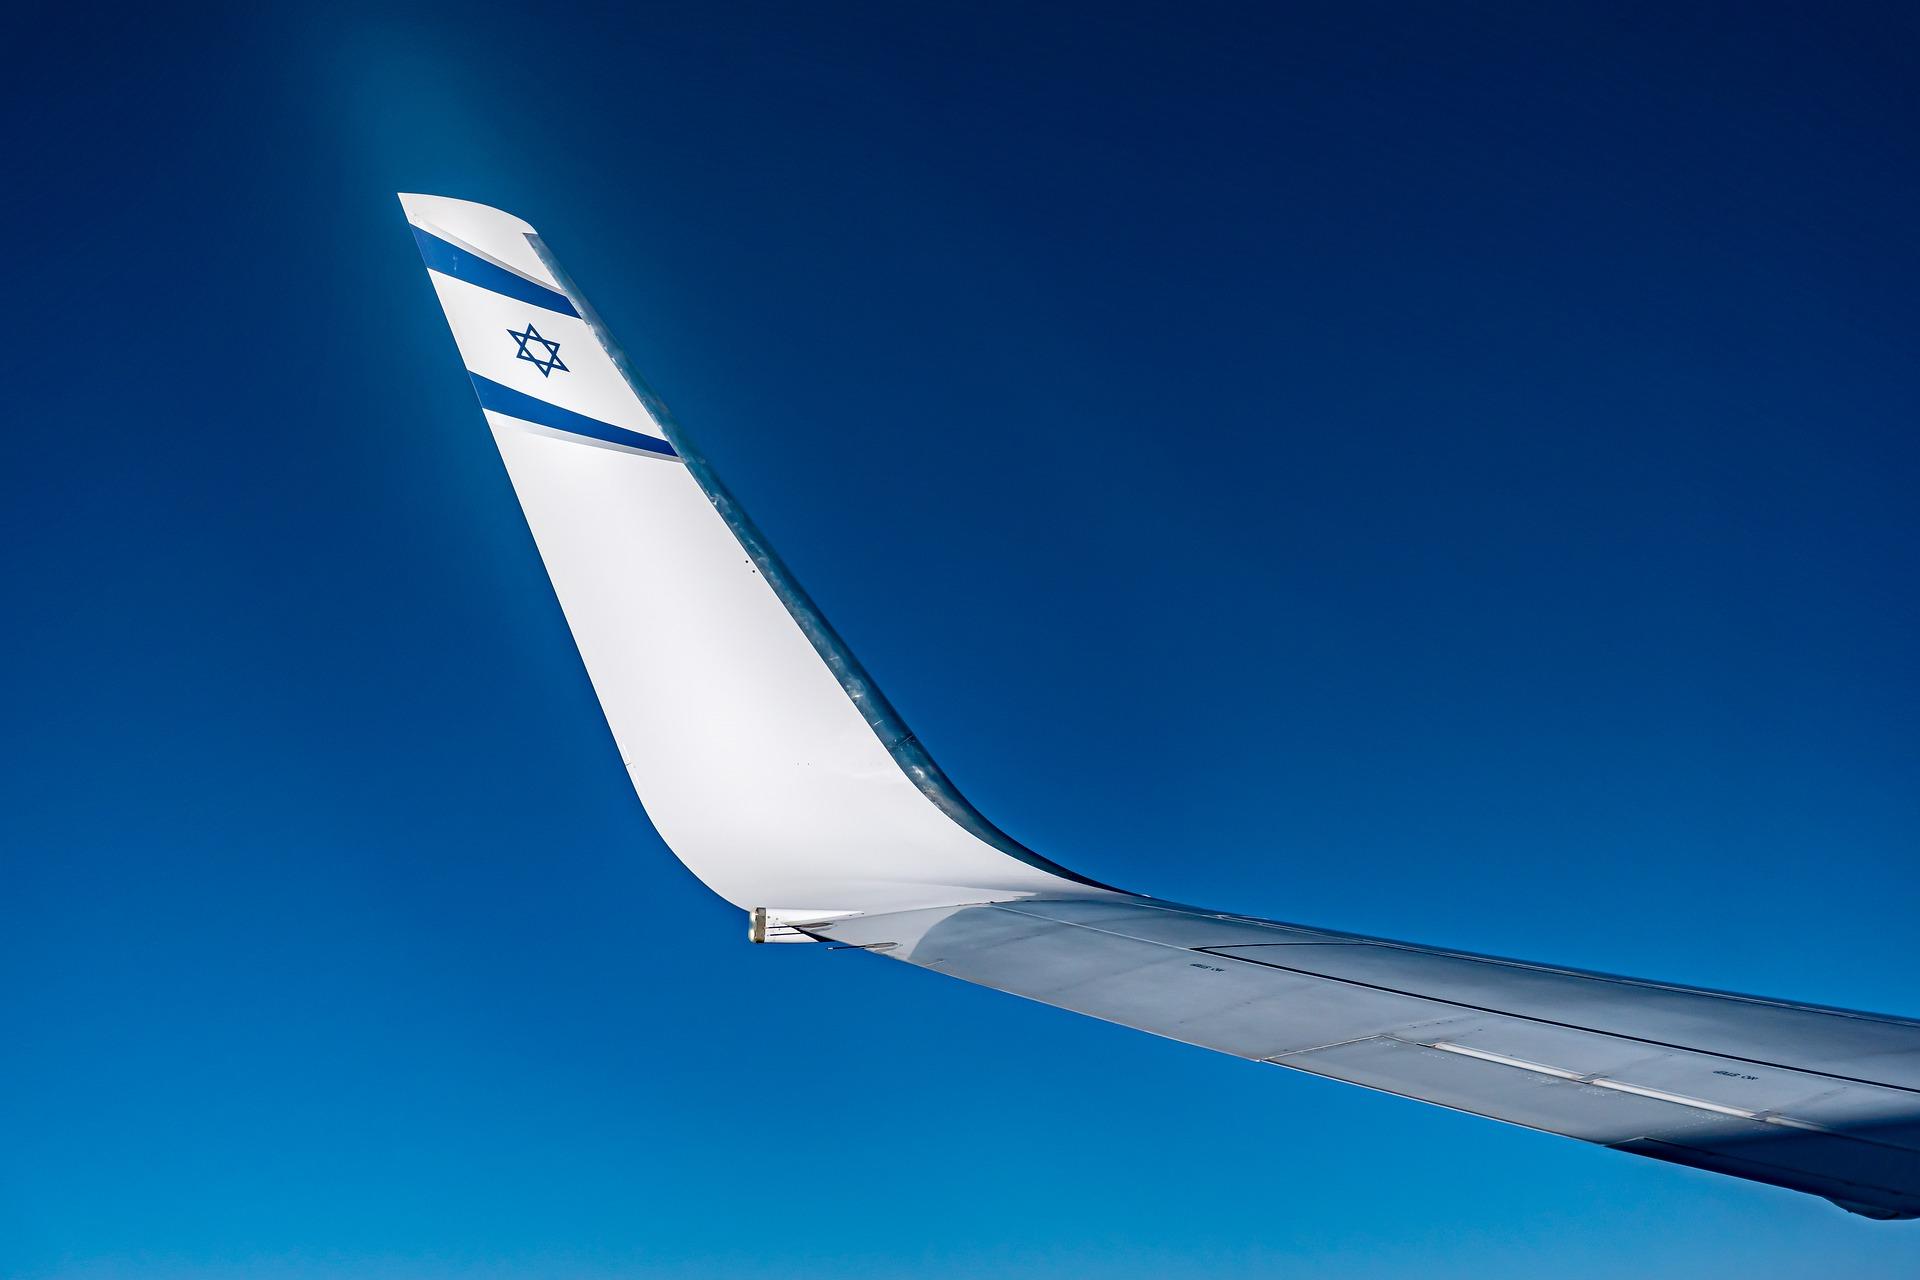 L'Arabie saoudite autorise officiellement les avions israéliens à survoler son territoire